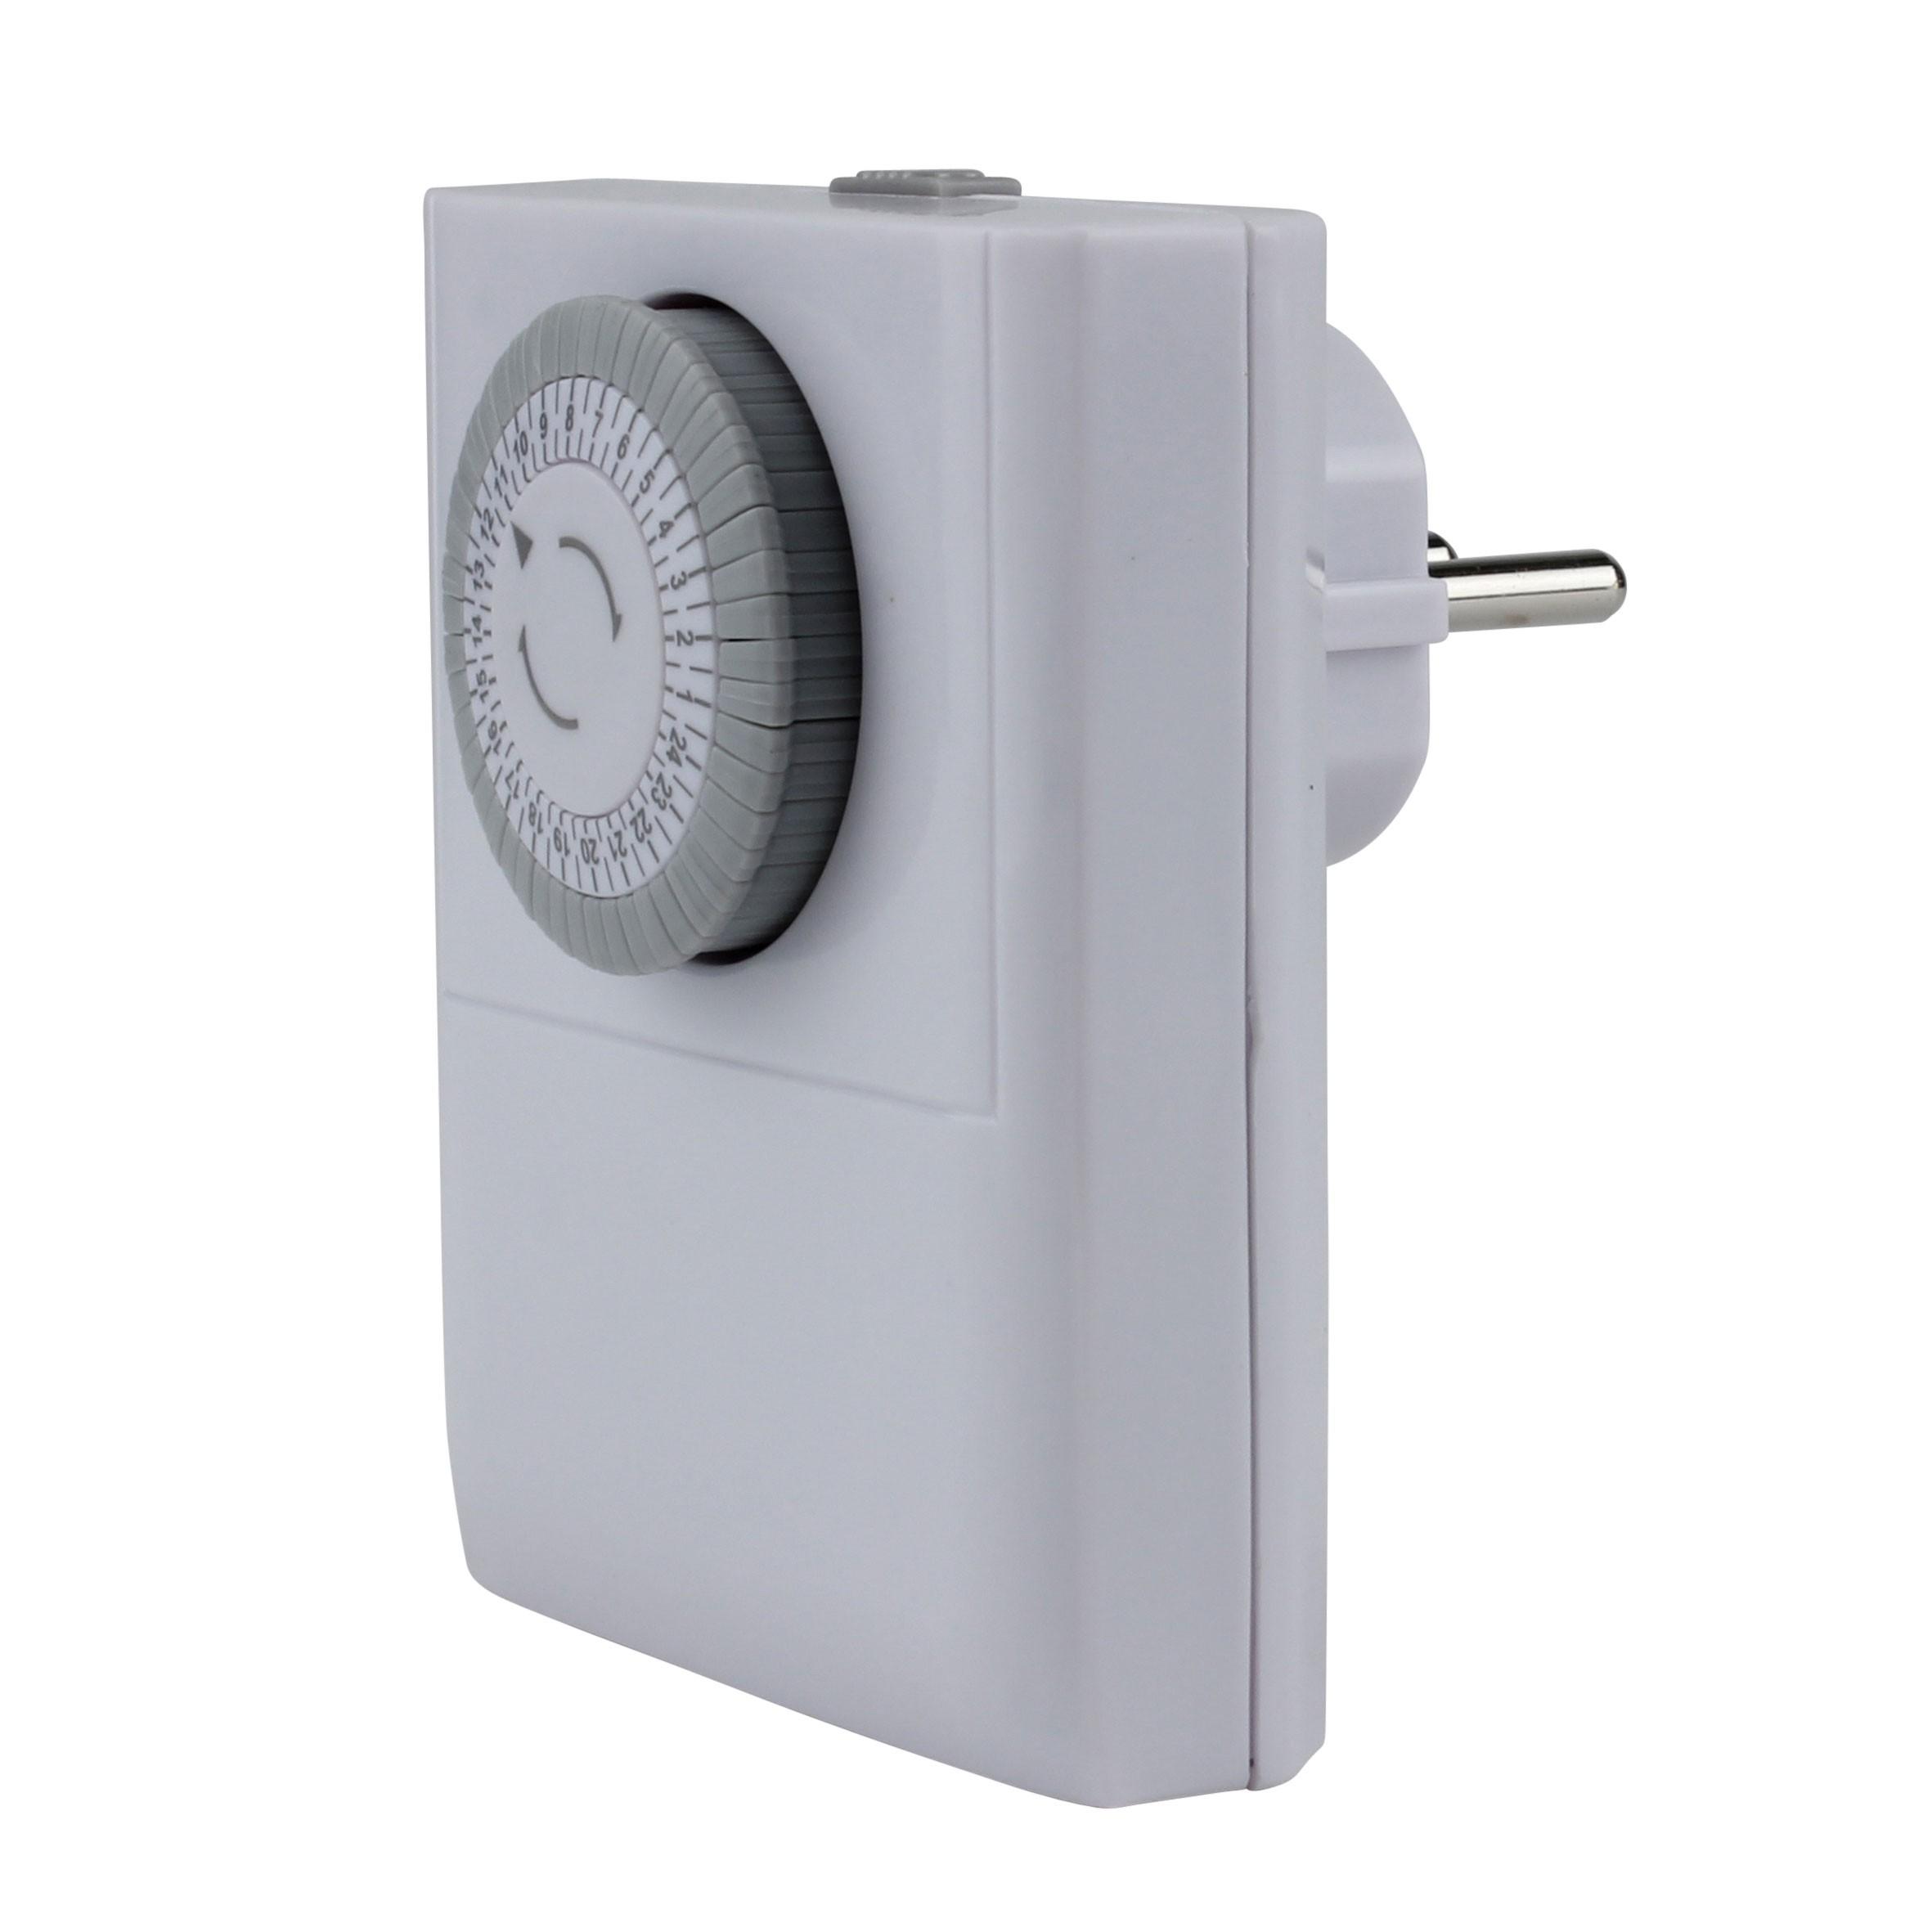 Unitec Tageszeitschaltuhr analog für Innen inkl. 2 Eurosteckdosen Bild 1